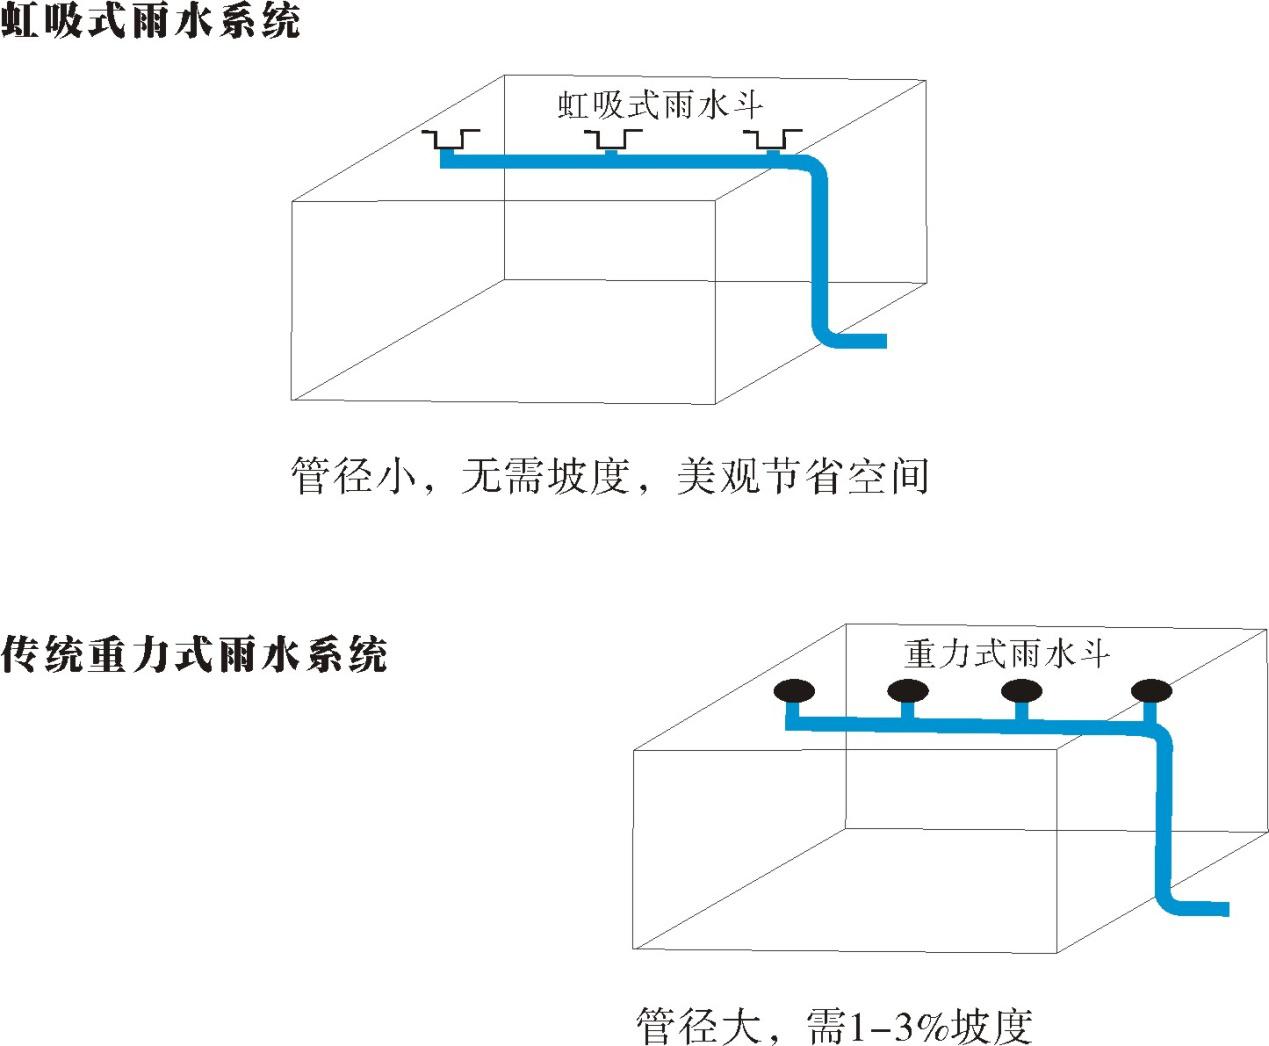 无锡屋面虹吸排水直销 诚信为本 江苏鑫卓新型建材供应